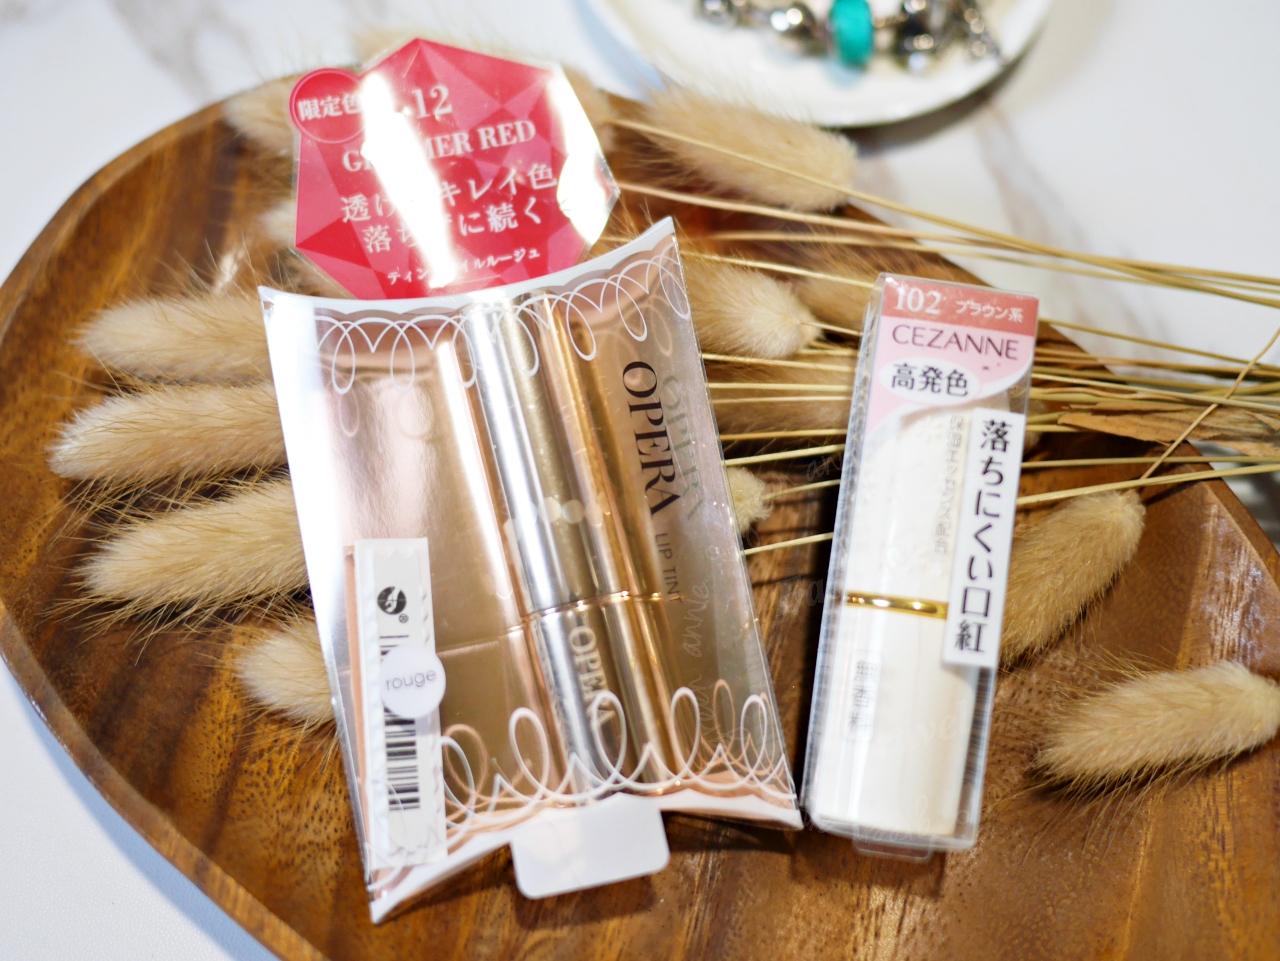 開放櫃唇膏推薦:ORERA渲漾水色唇膏#12瑩紅 和CEZANNE #102裸色豆沙